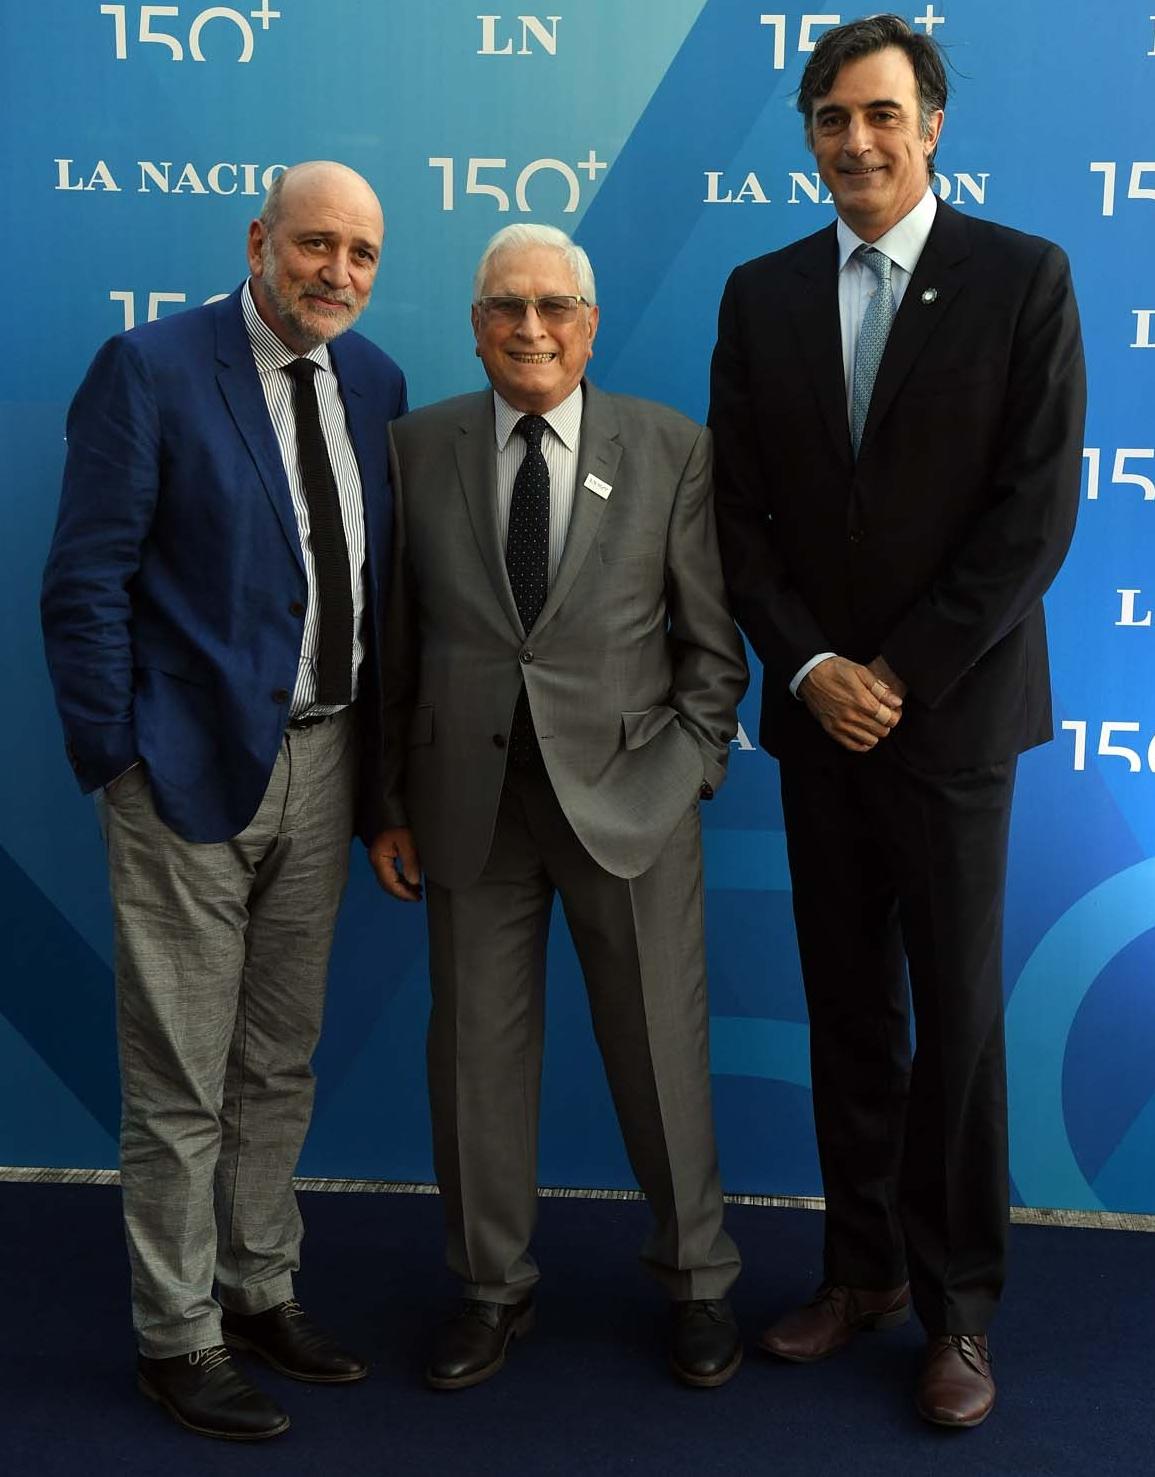 Jesús Rodríguez, auditor general de la Nación, Jorge Todesca, titular del INDEC, y el senador Esteban Bullrich